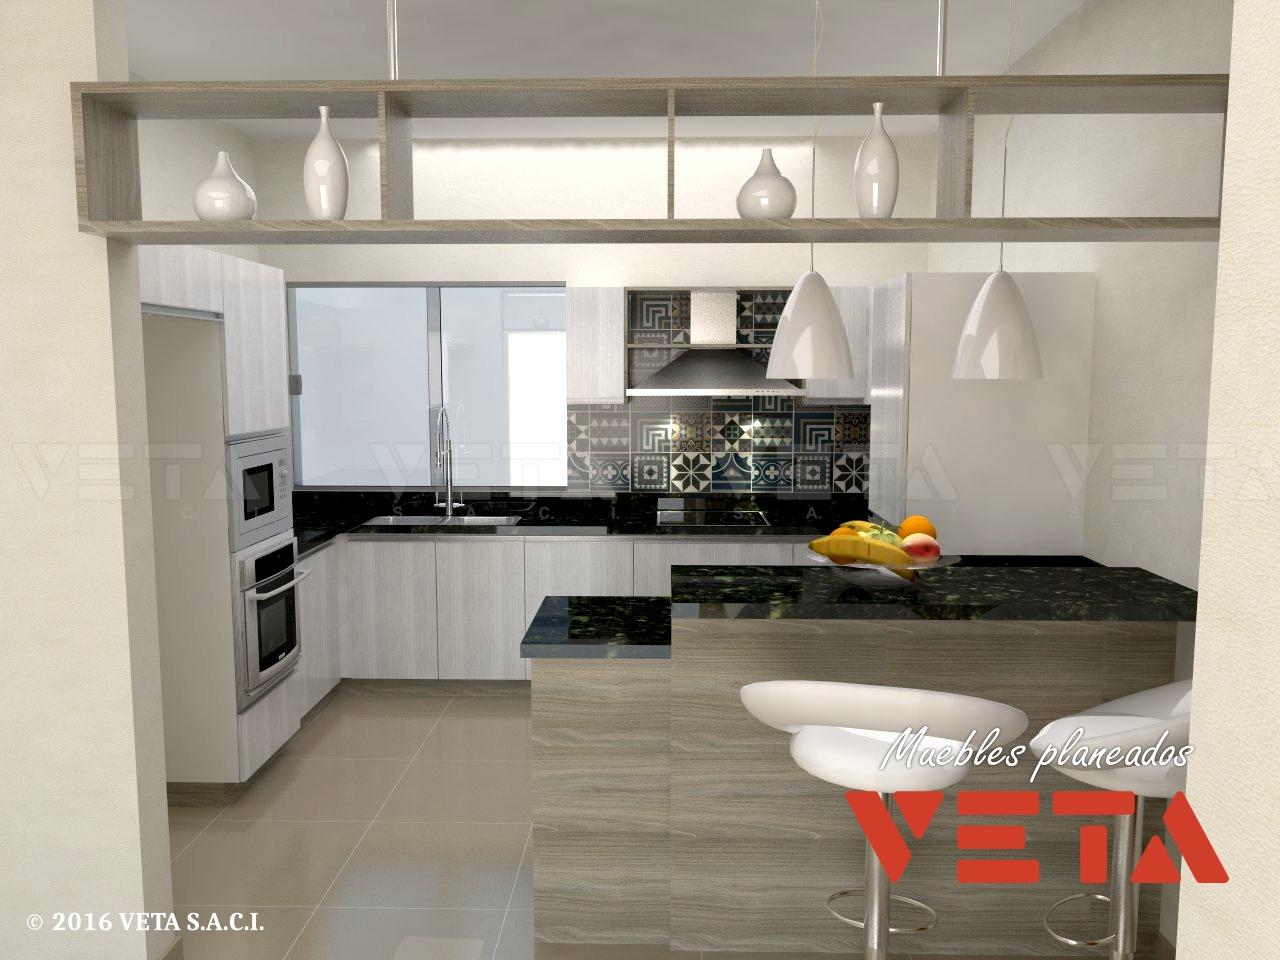 Muebles de colores claros en la cocina - VETA S.A.C.I.